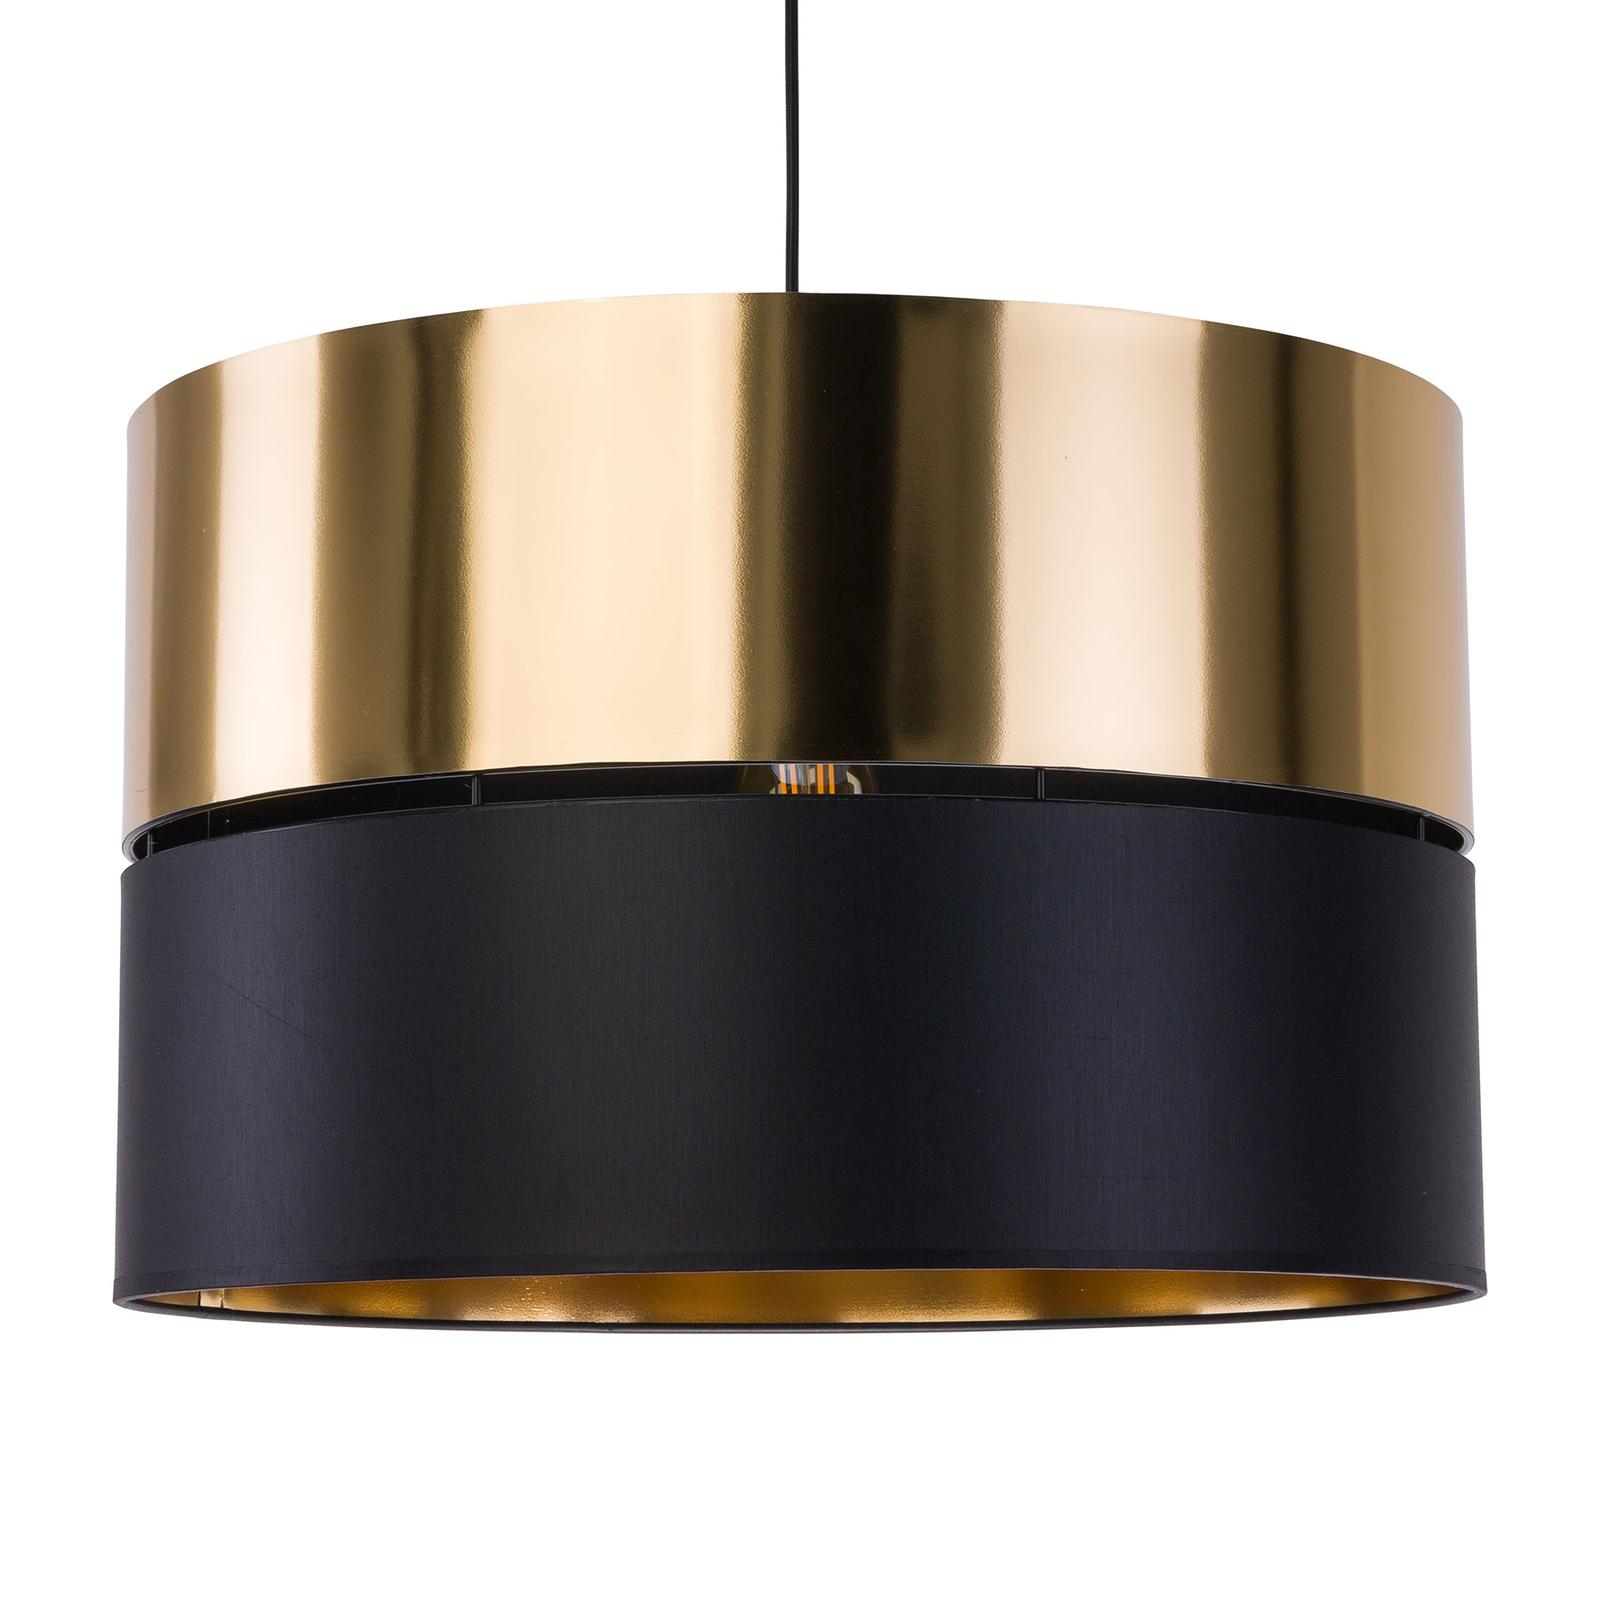 Lampa wisząca Hilton czarna/złota, 1-punktowa